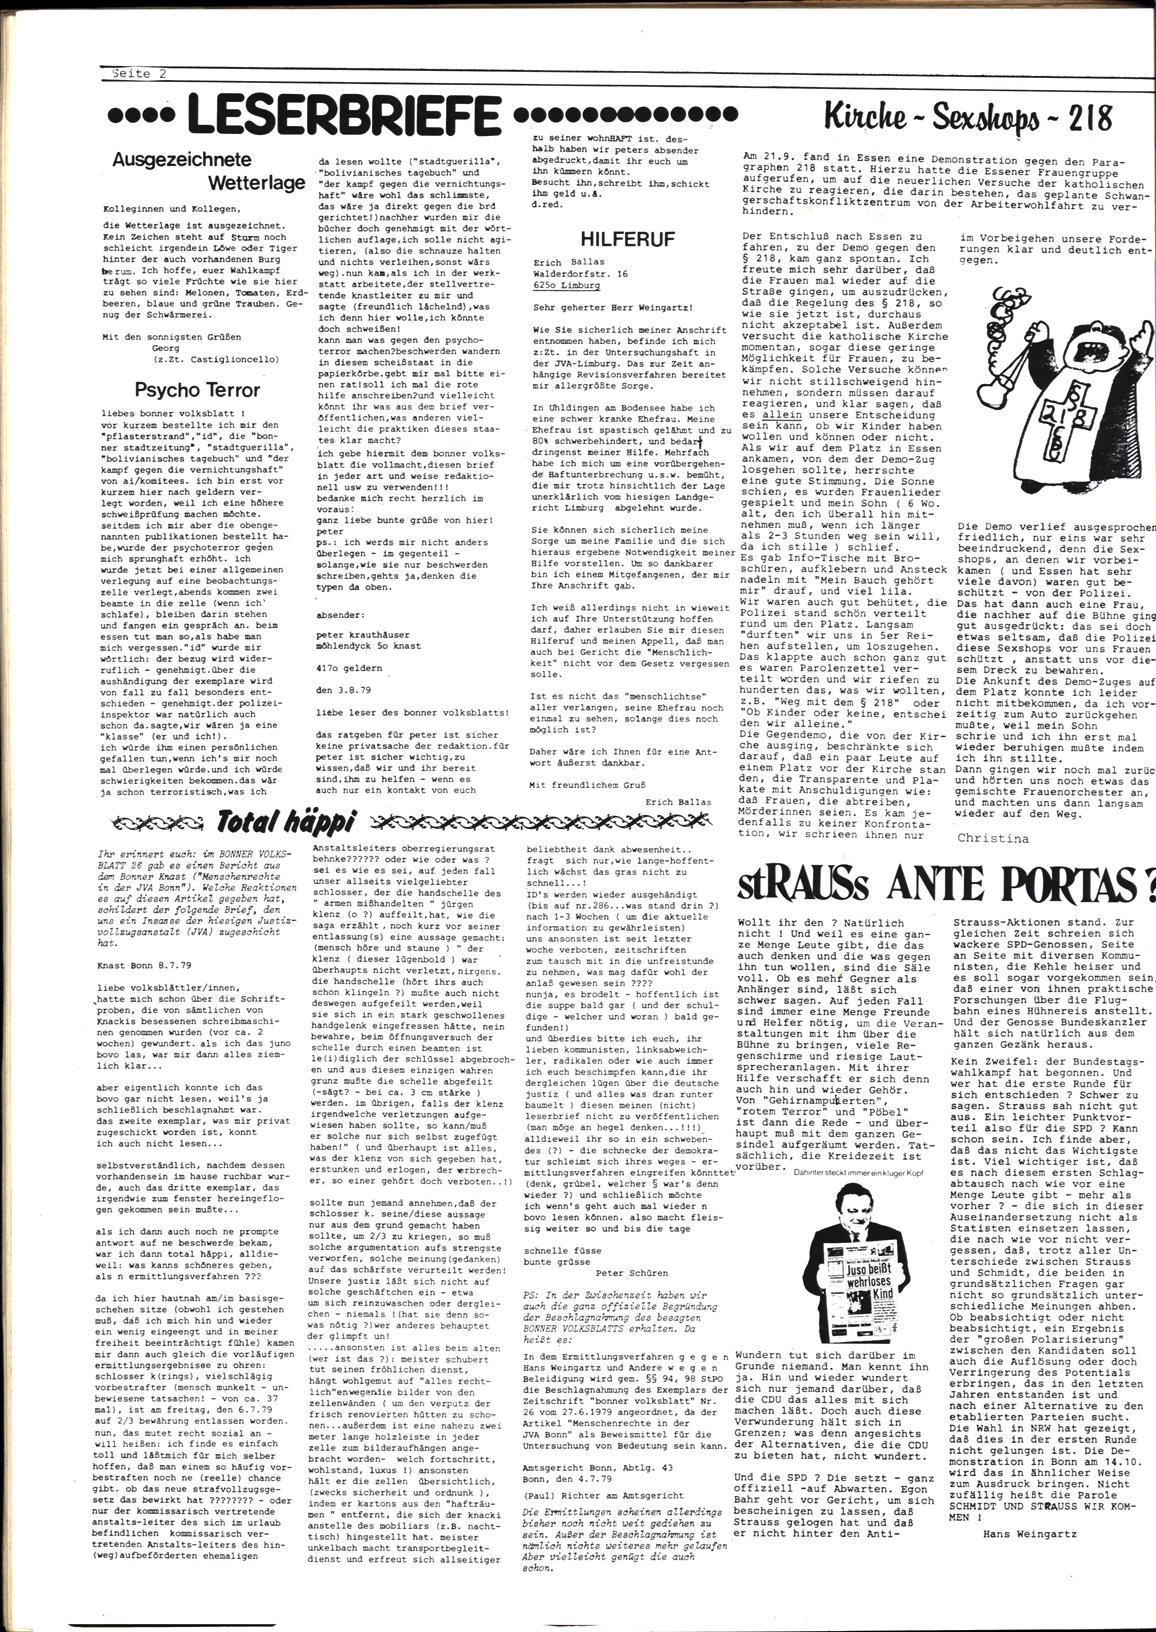 Bonner_Volksblatt_28_19791003_02